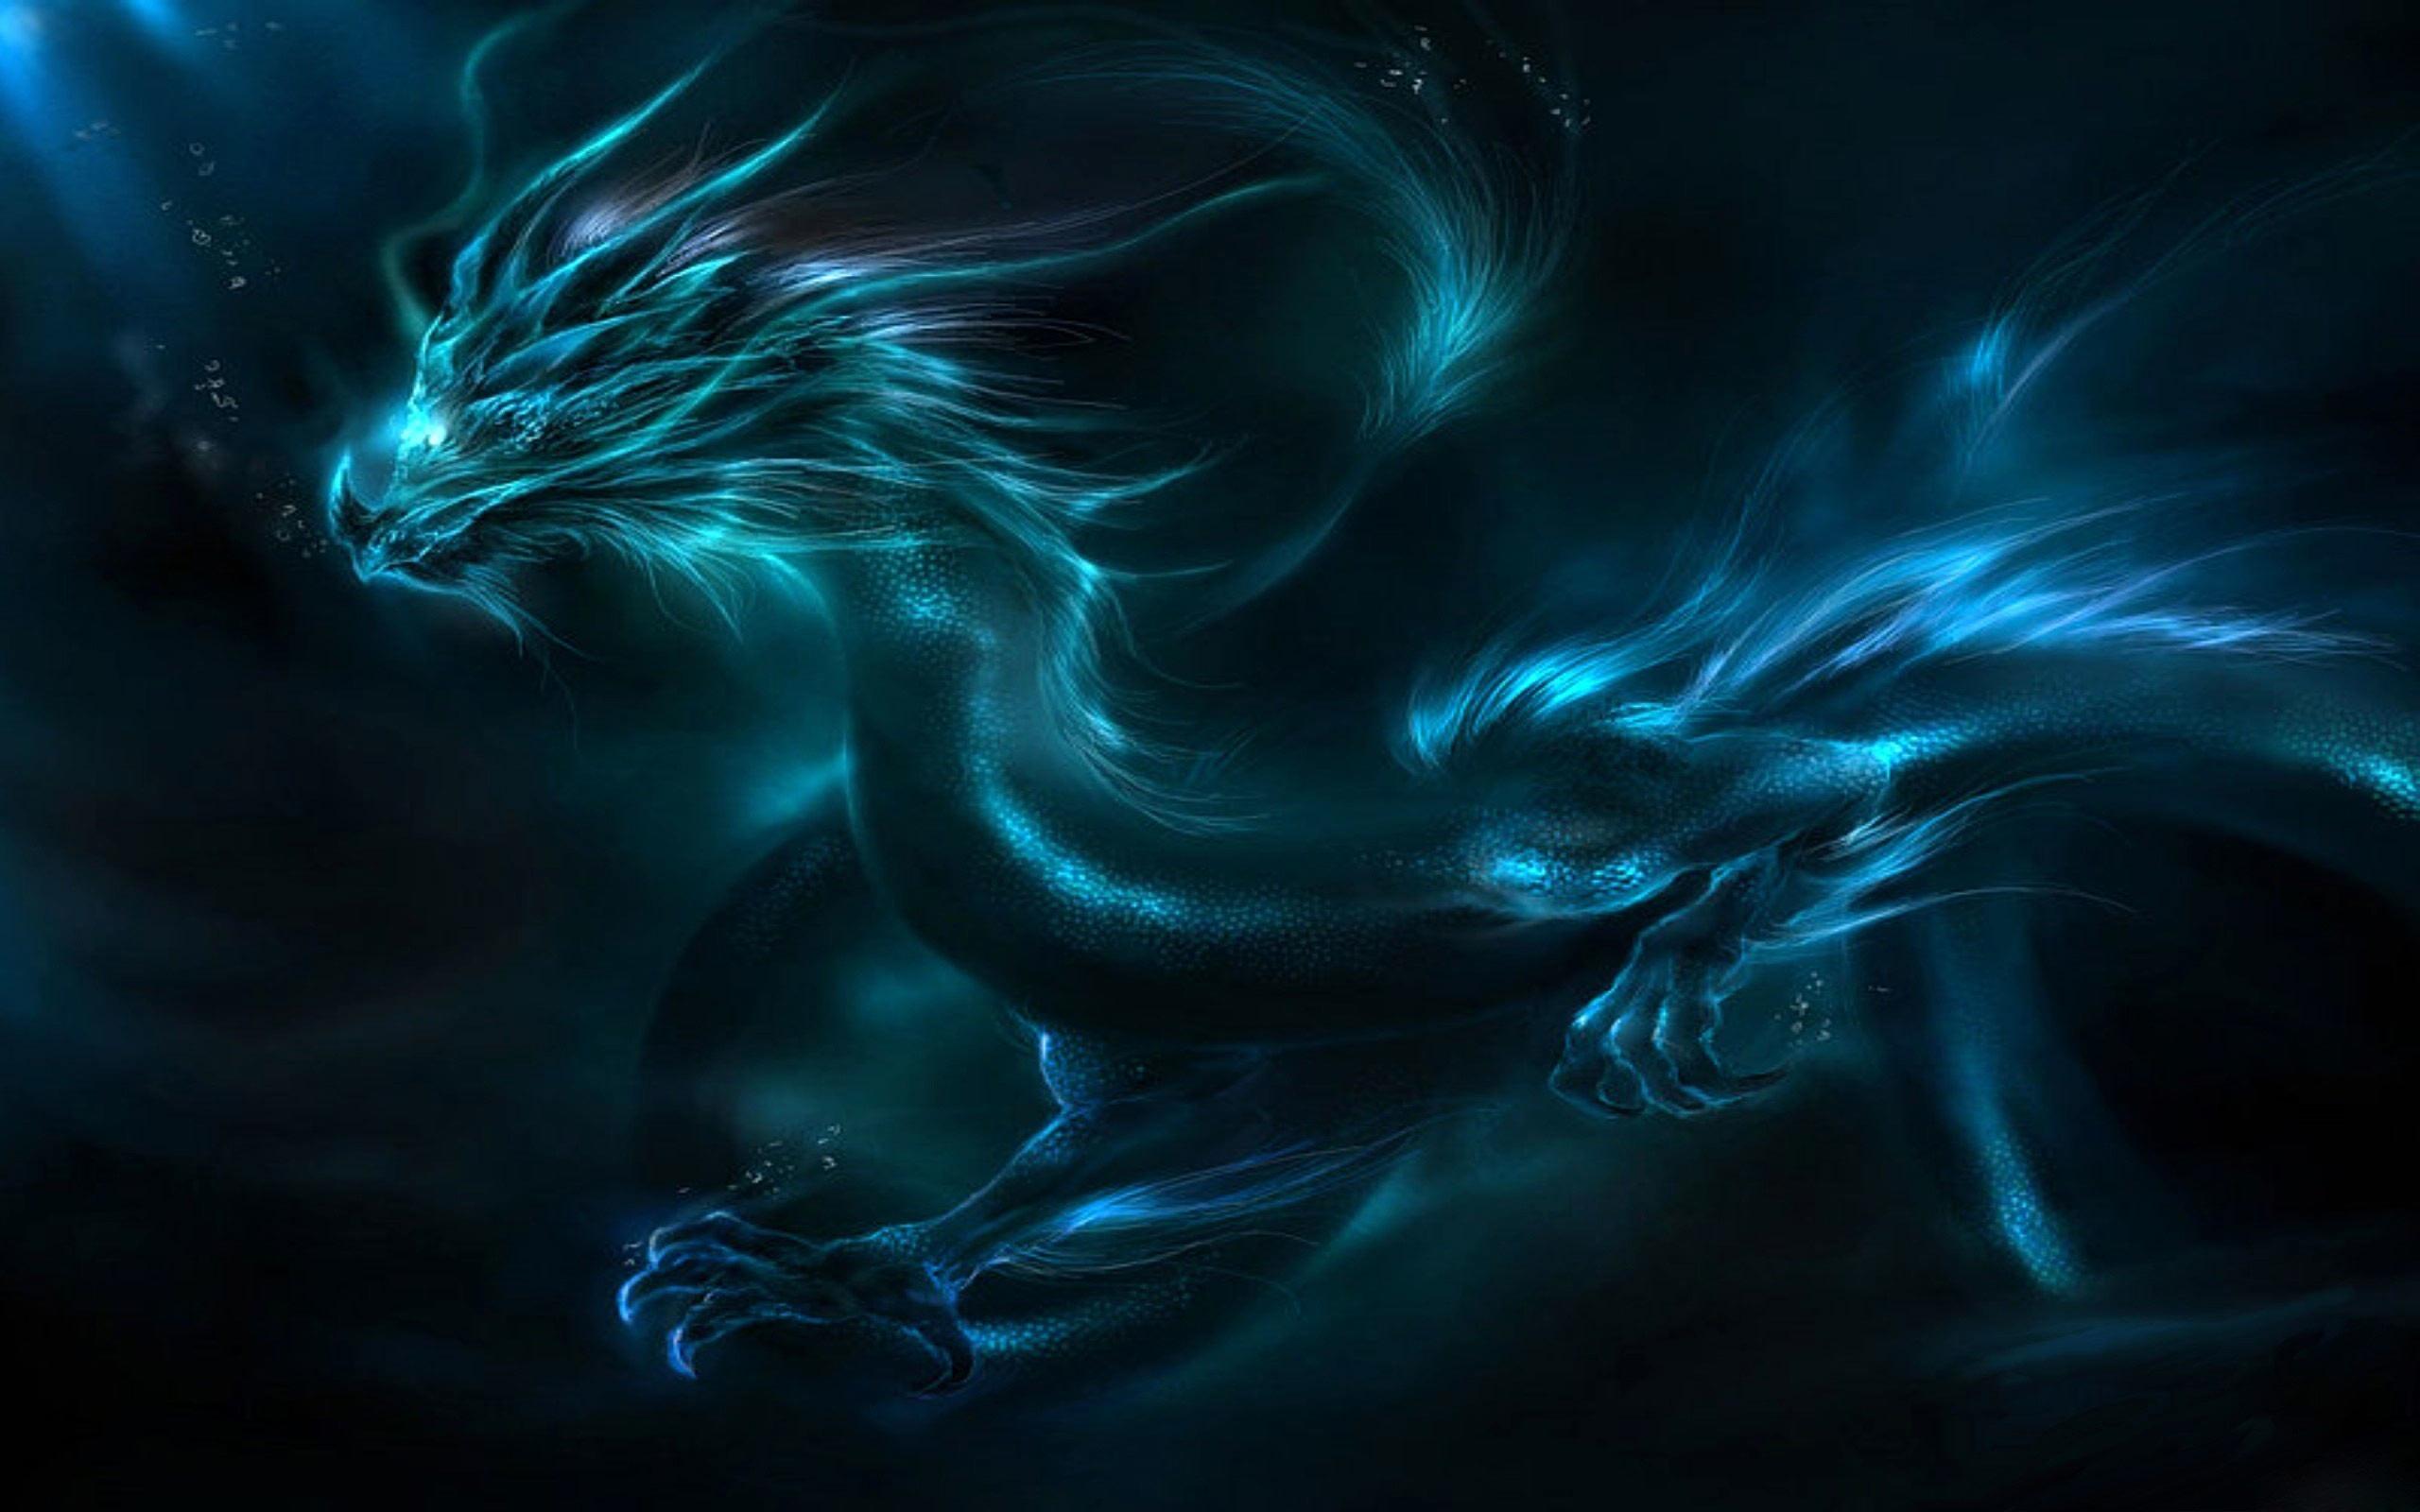 Blue Dragon Wallpaper 1